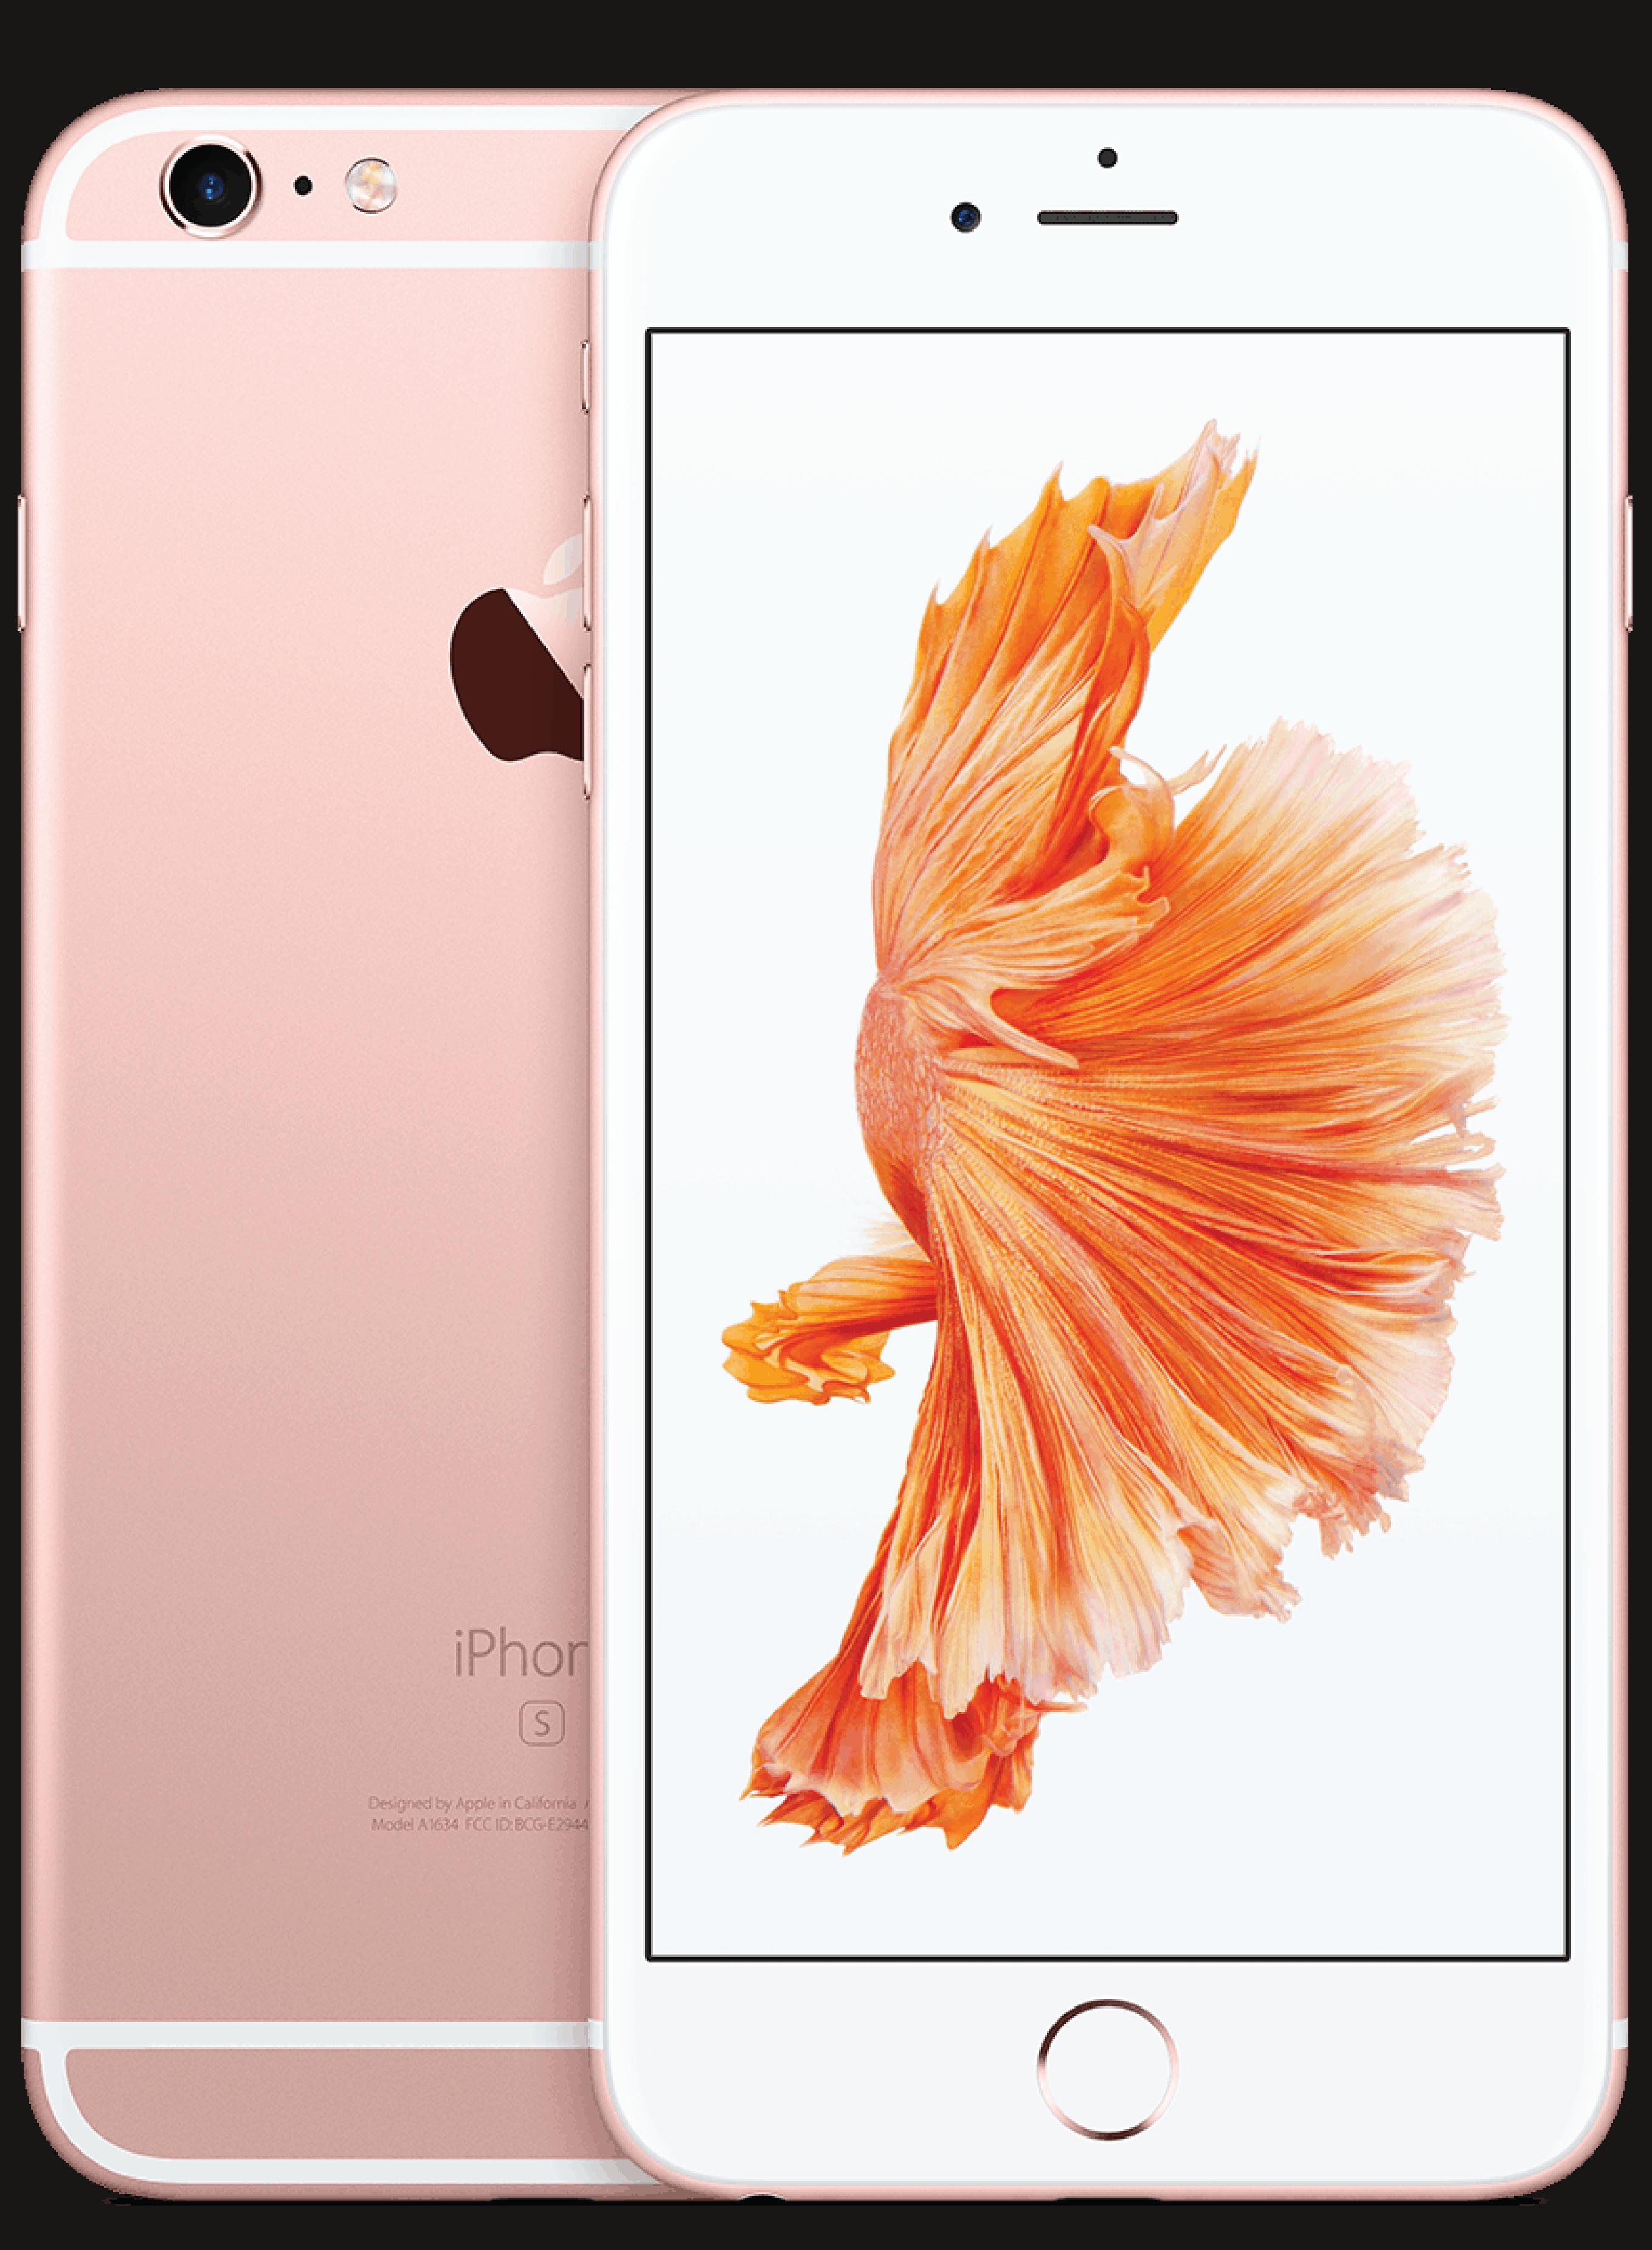 iphone 6s-plus